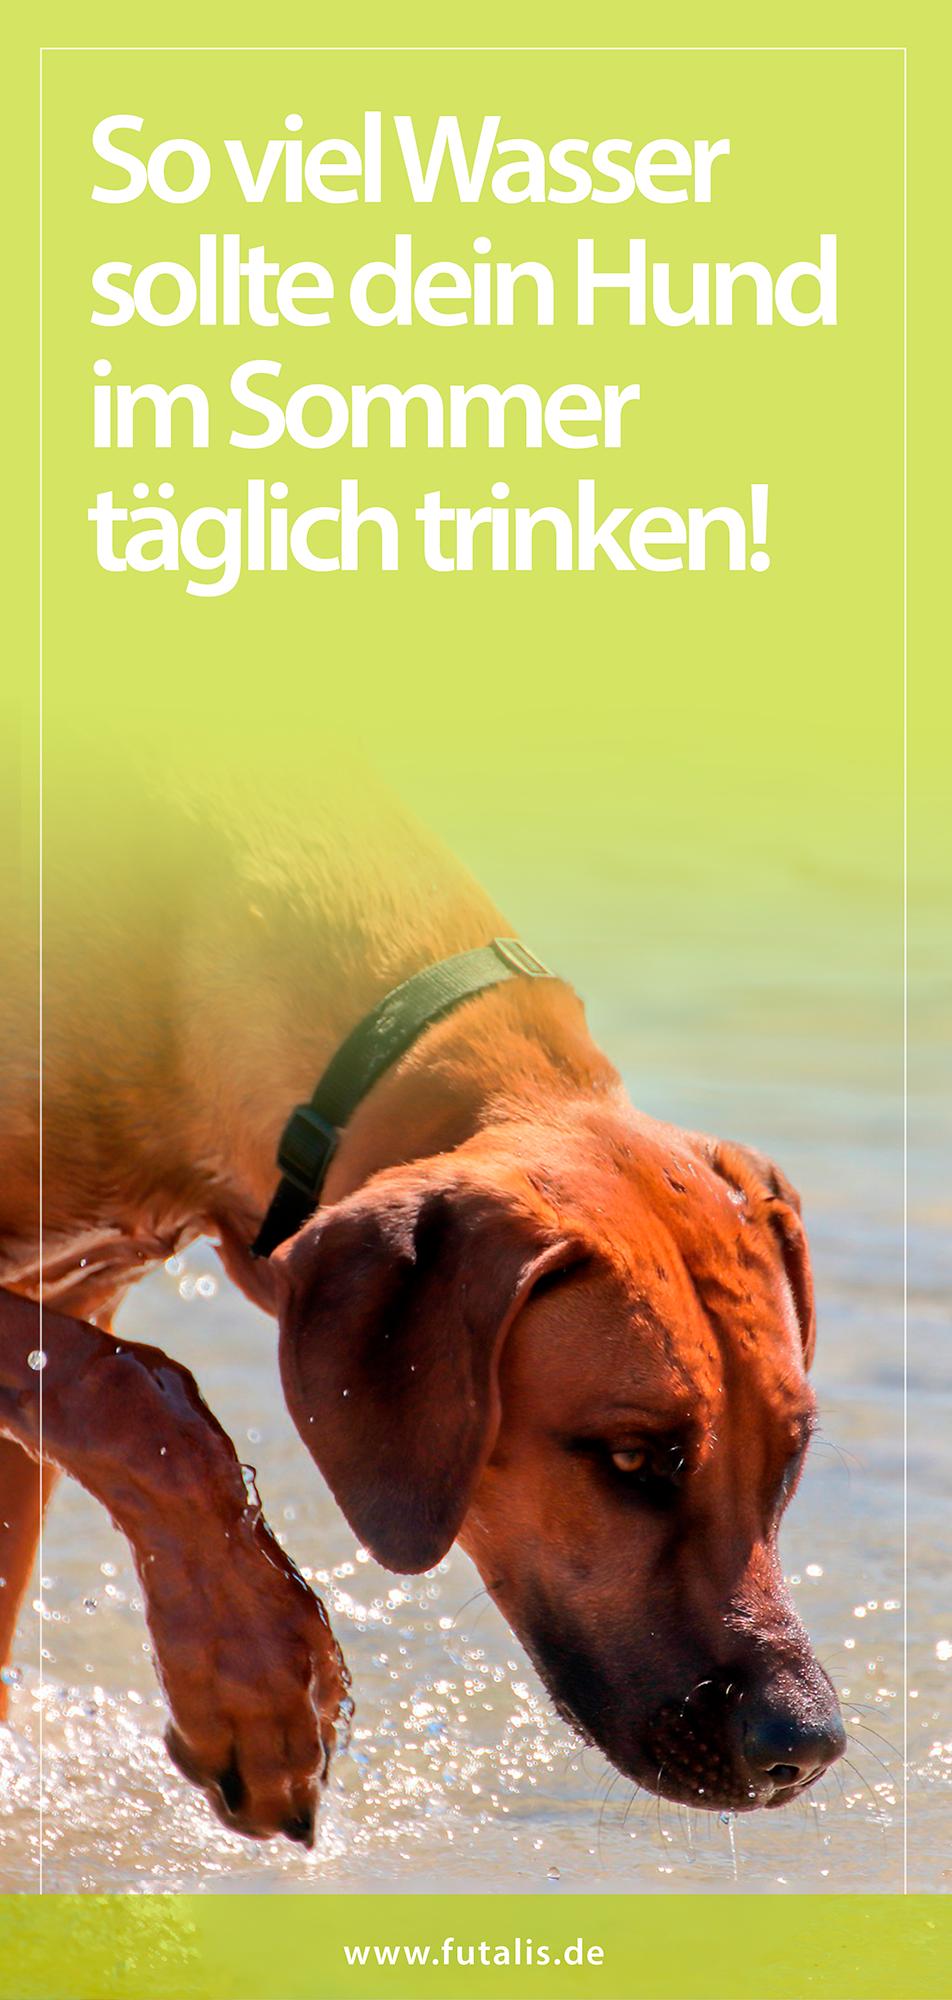 Damit Die Thermoregulation Bei Hunden Funktioniert Mussen Sie An Heissen Tagen Ausreichend Trinken Um Ihren Wasserhaus In 2020 Mit Bildern Hunde Hunde Ernahrung Gesunde Hunde